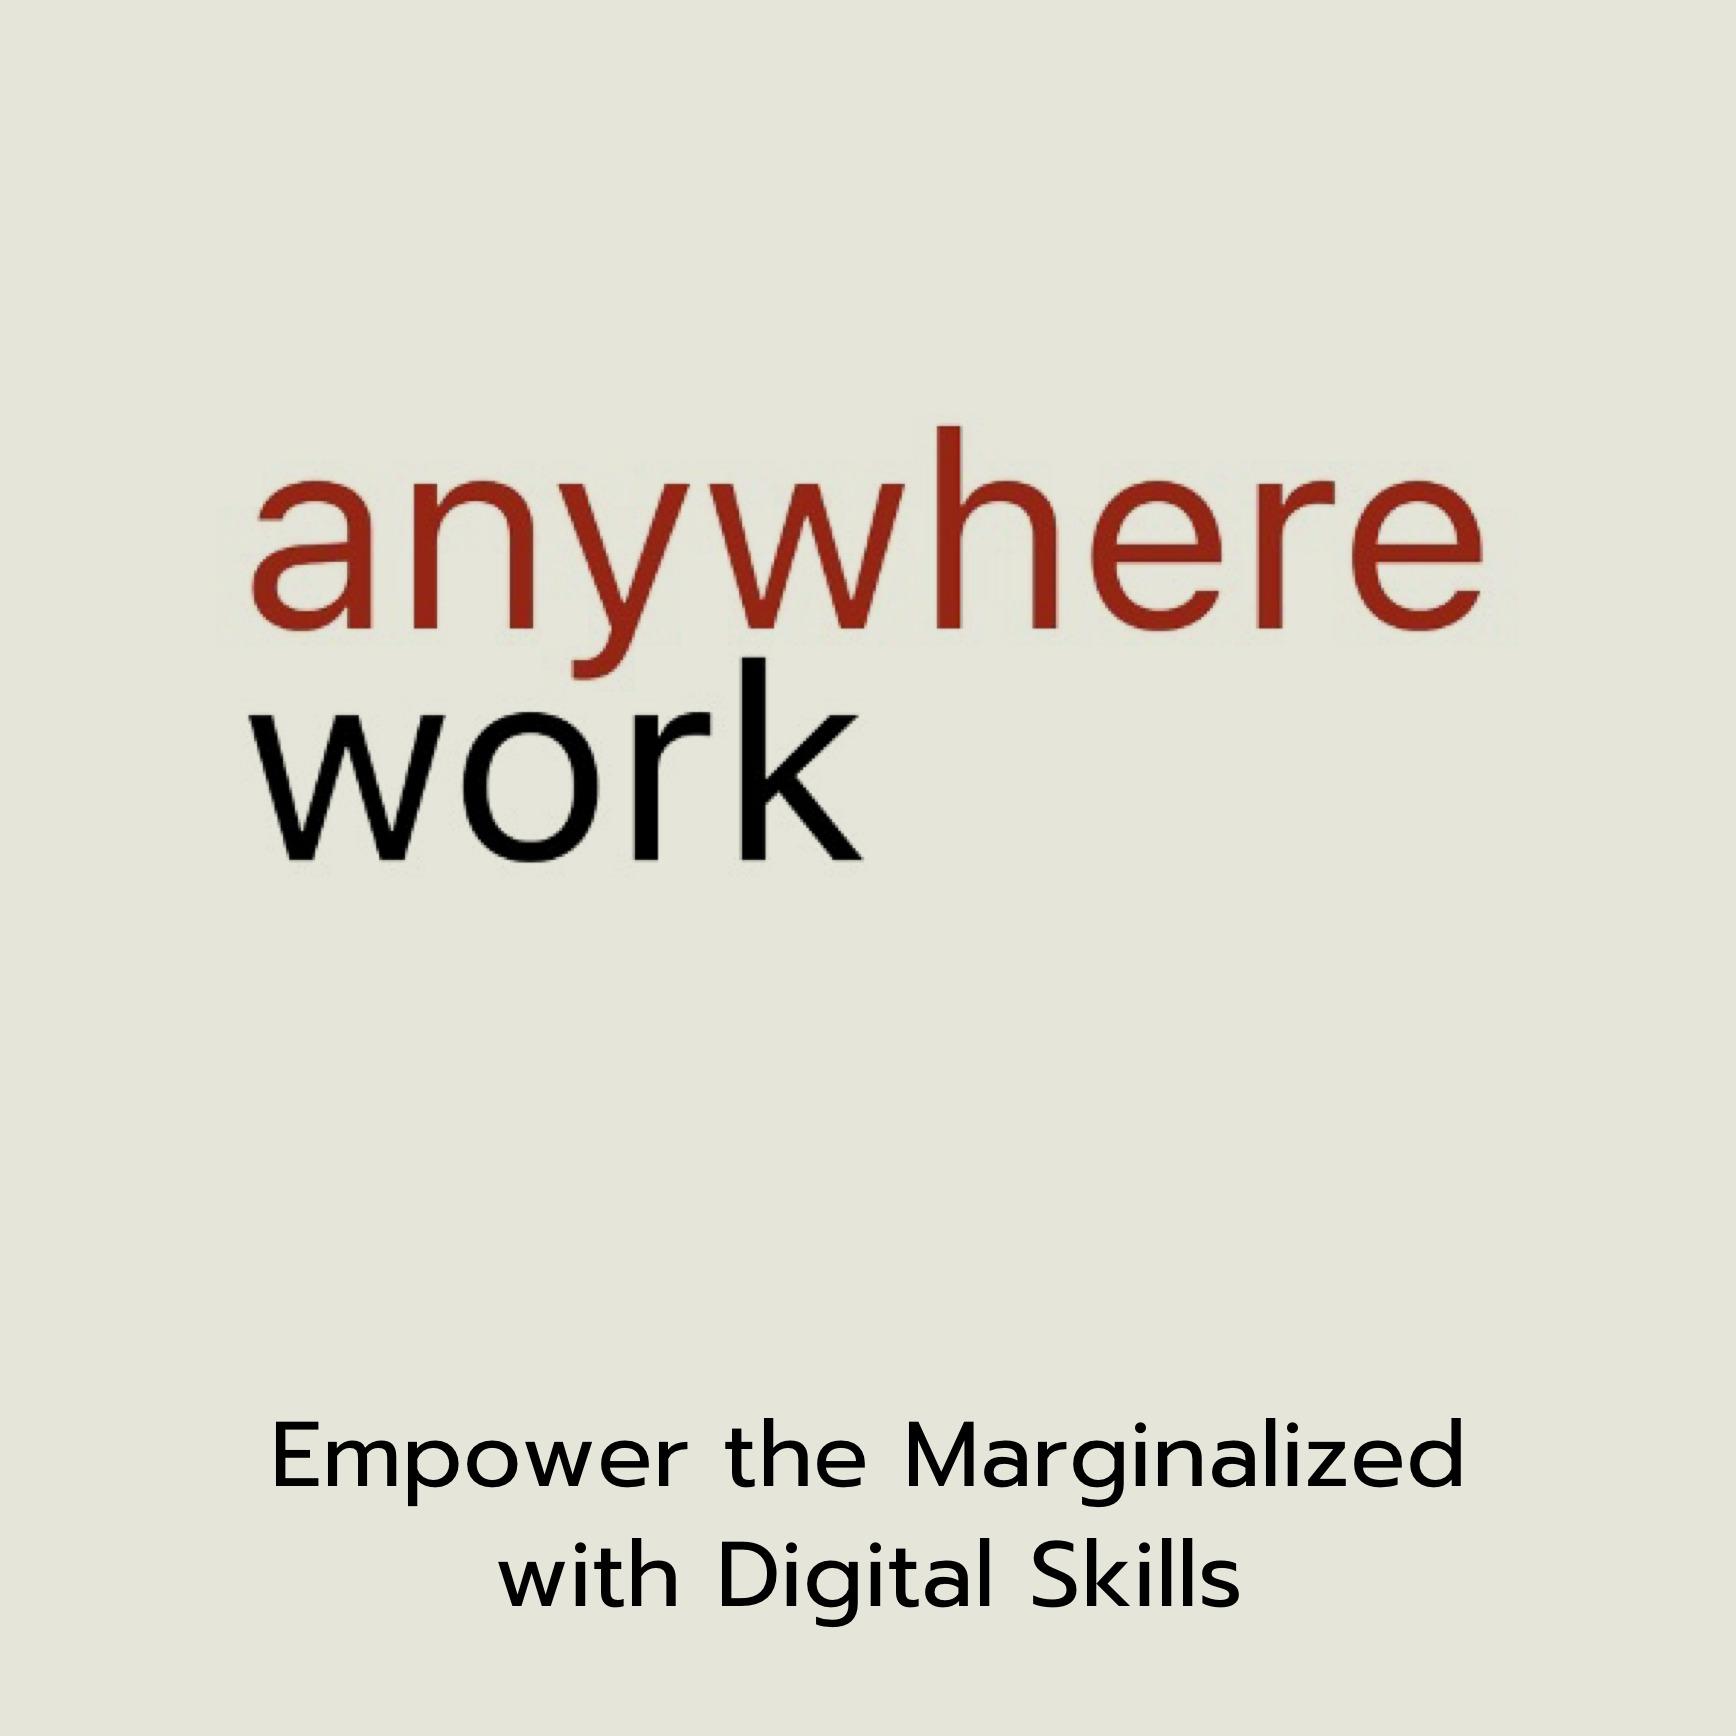 โครงการ Anywhere Work